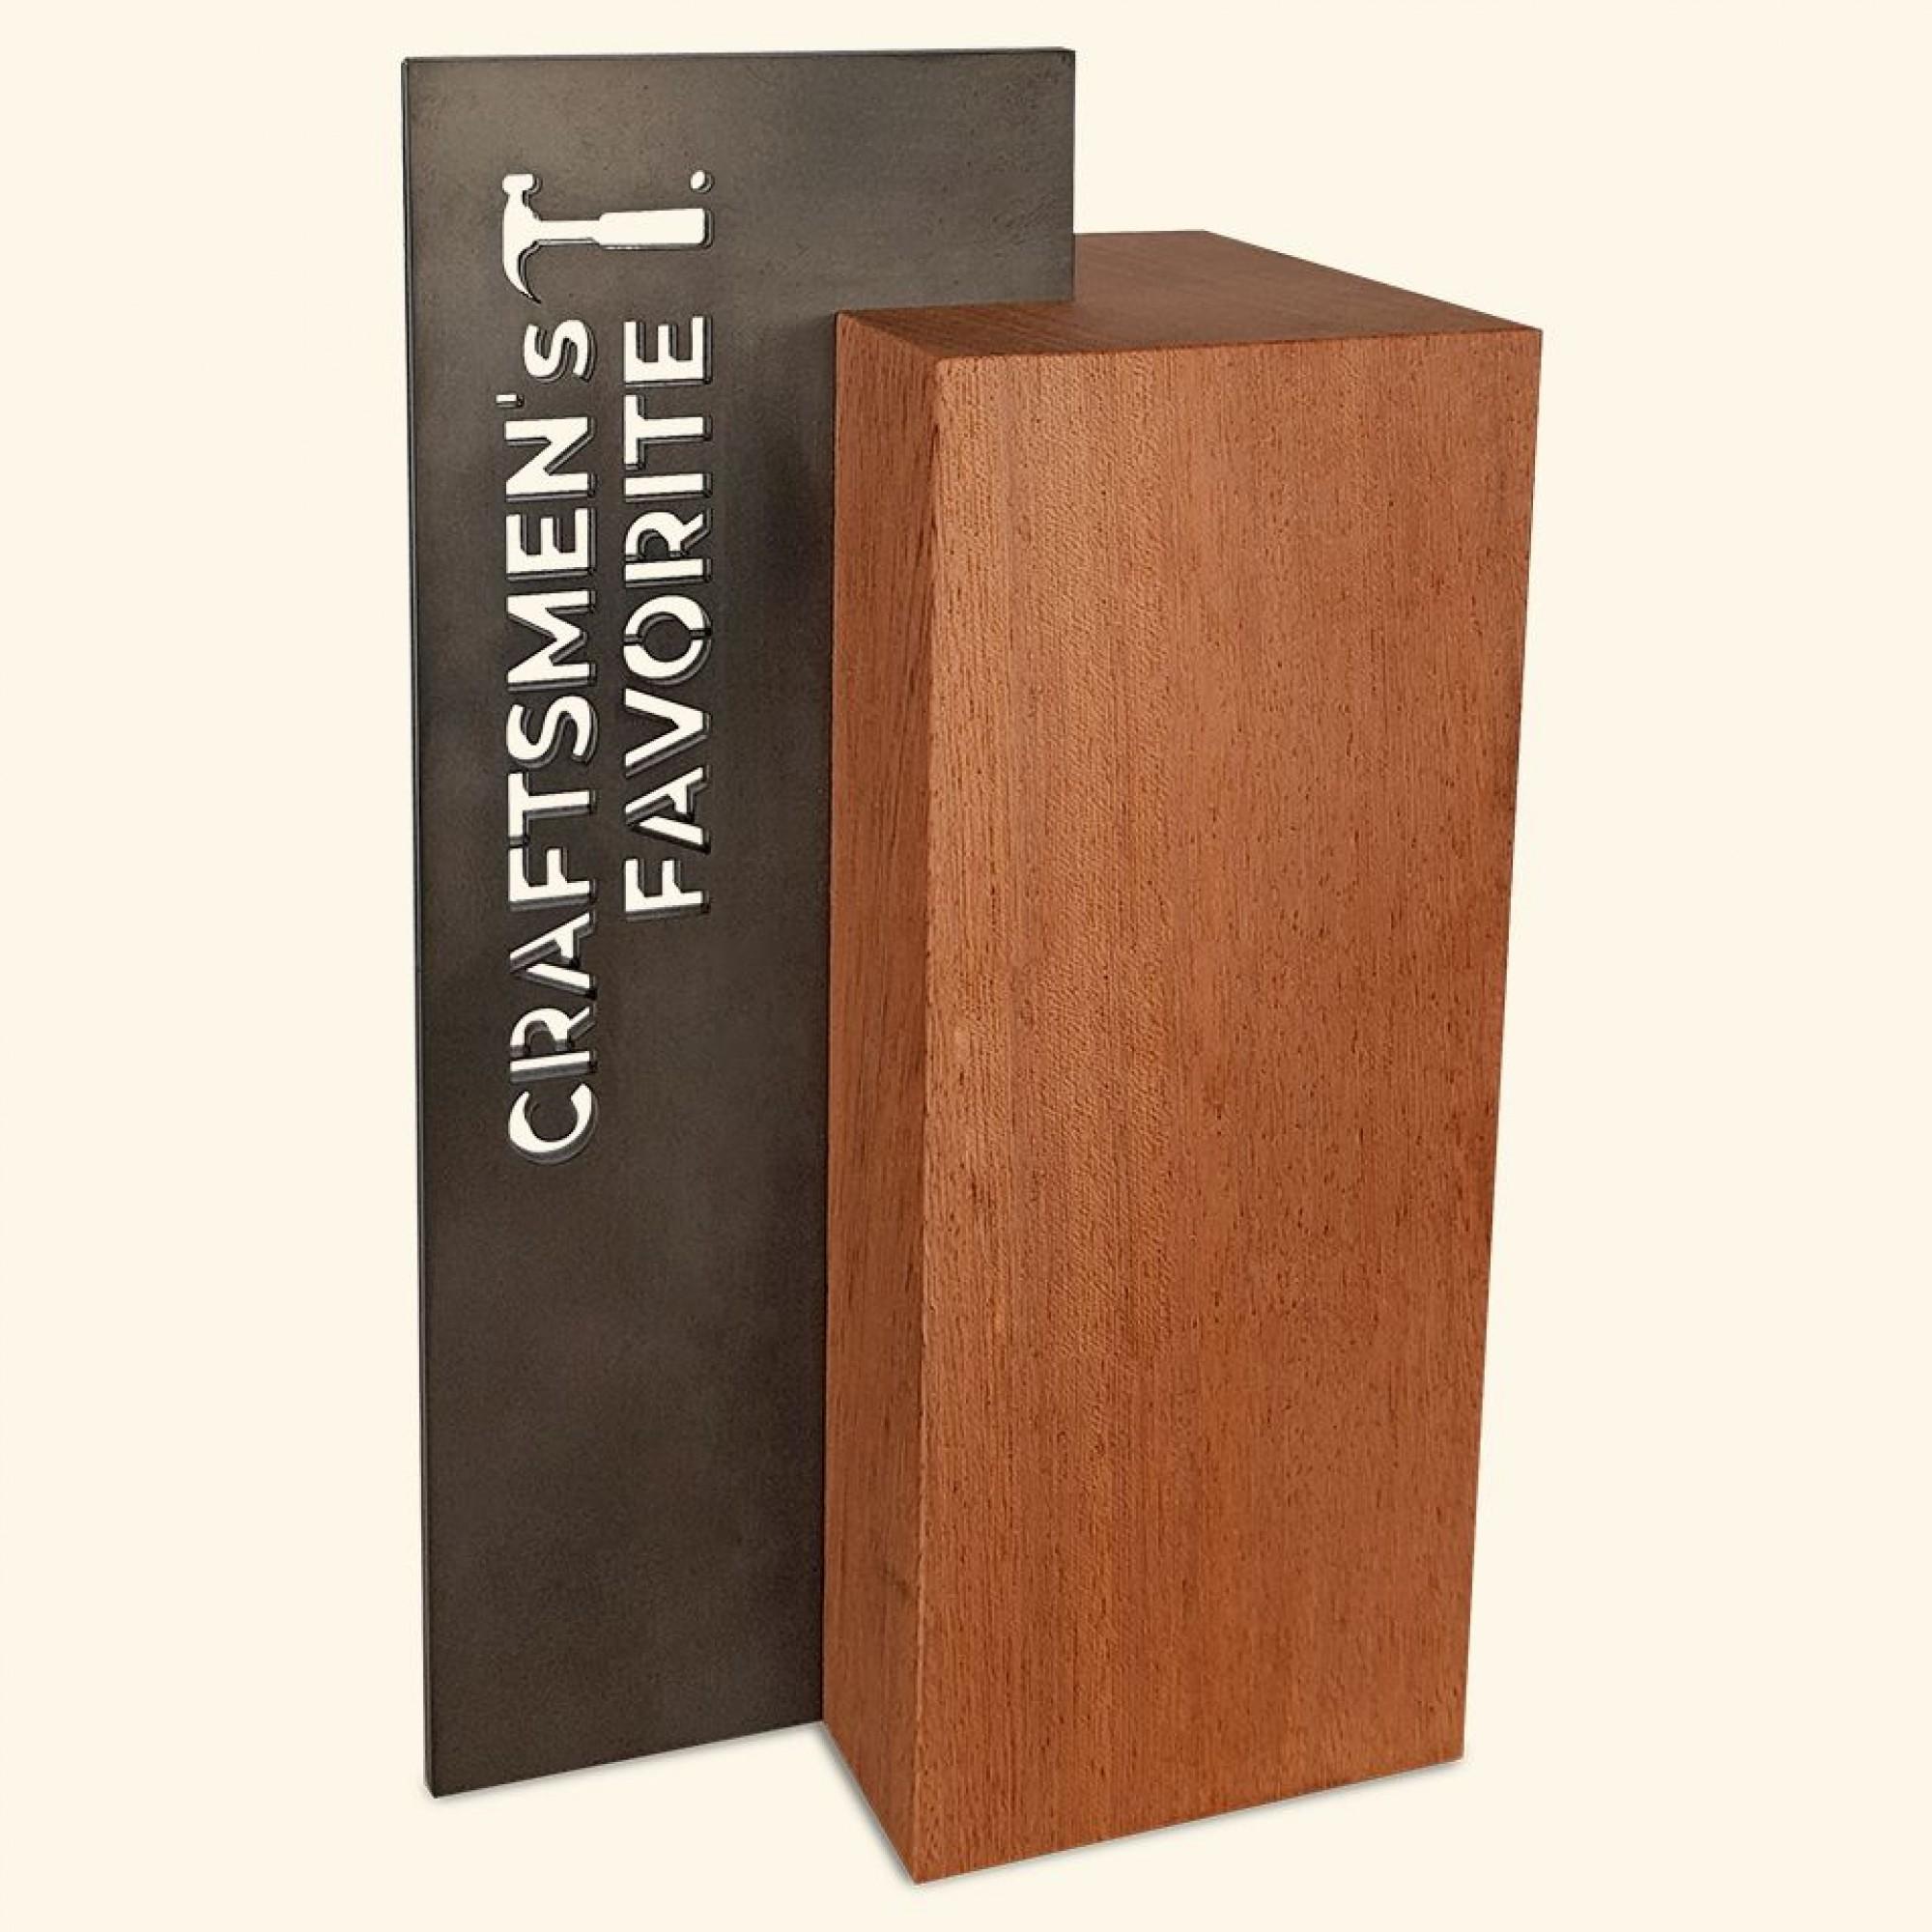 16 Kategoriensieger erhielten je eine der begehrten «Craftsmen's Favorite»-Trophäen.